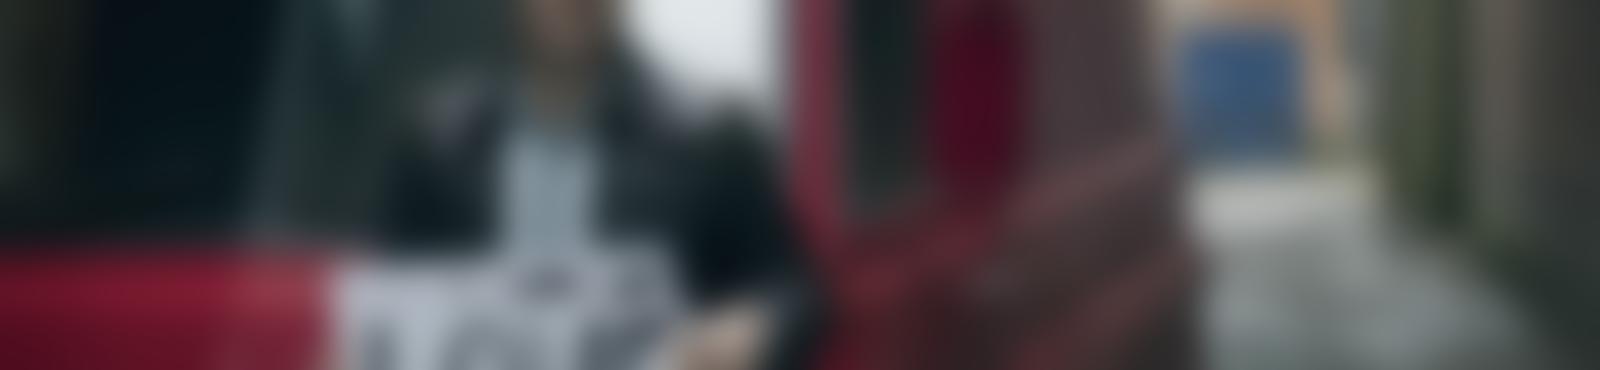 Blurred a1e62ae4 7fc6 4c2e a67f 866a0e66f056